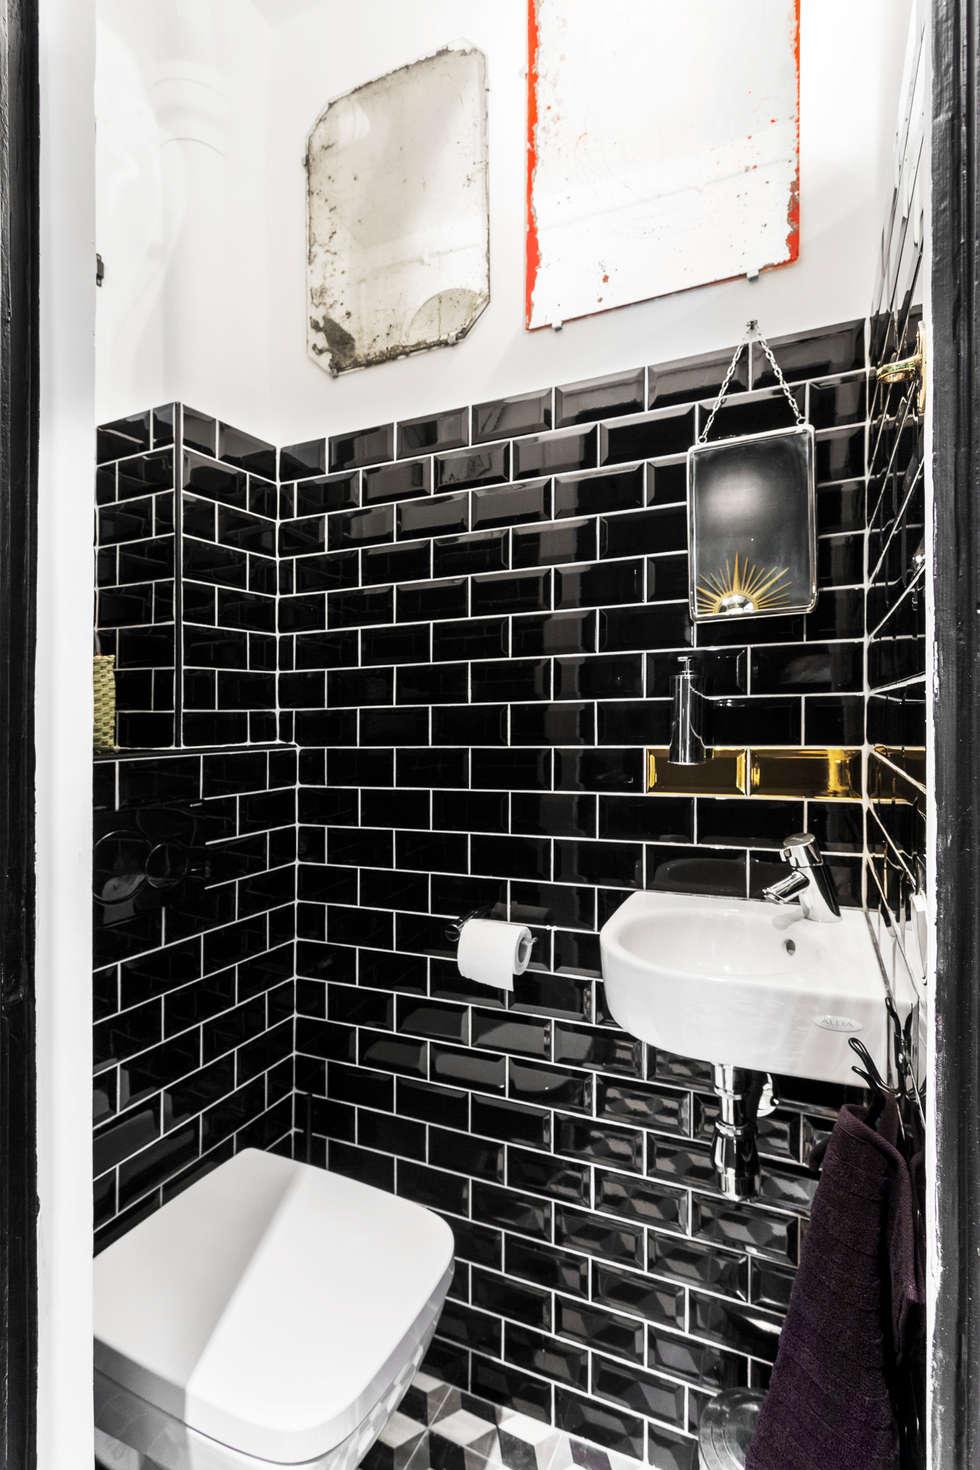 Pièce à vivre : toilettes  - Appartement industriel chic & moderne 55m2 - 75010 Paris: Salle de bains de style  par Espaces à Rêver